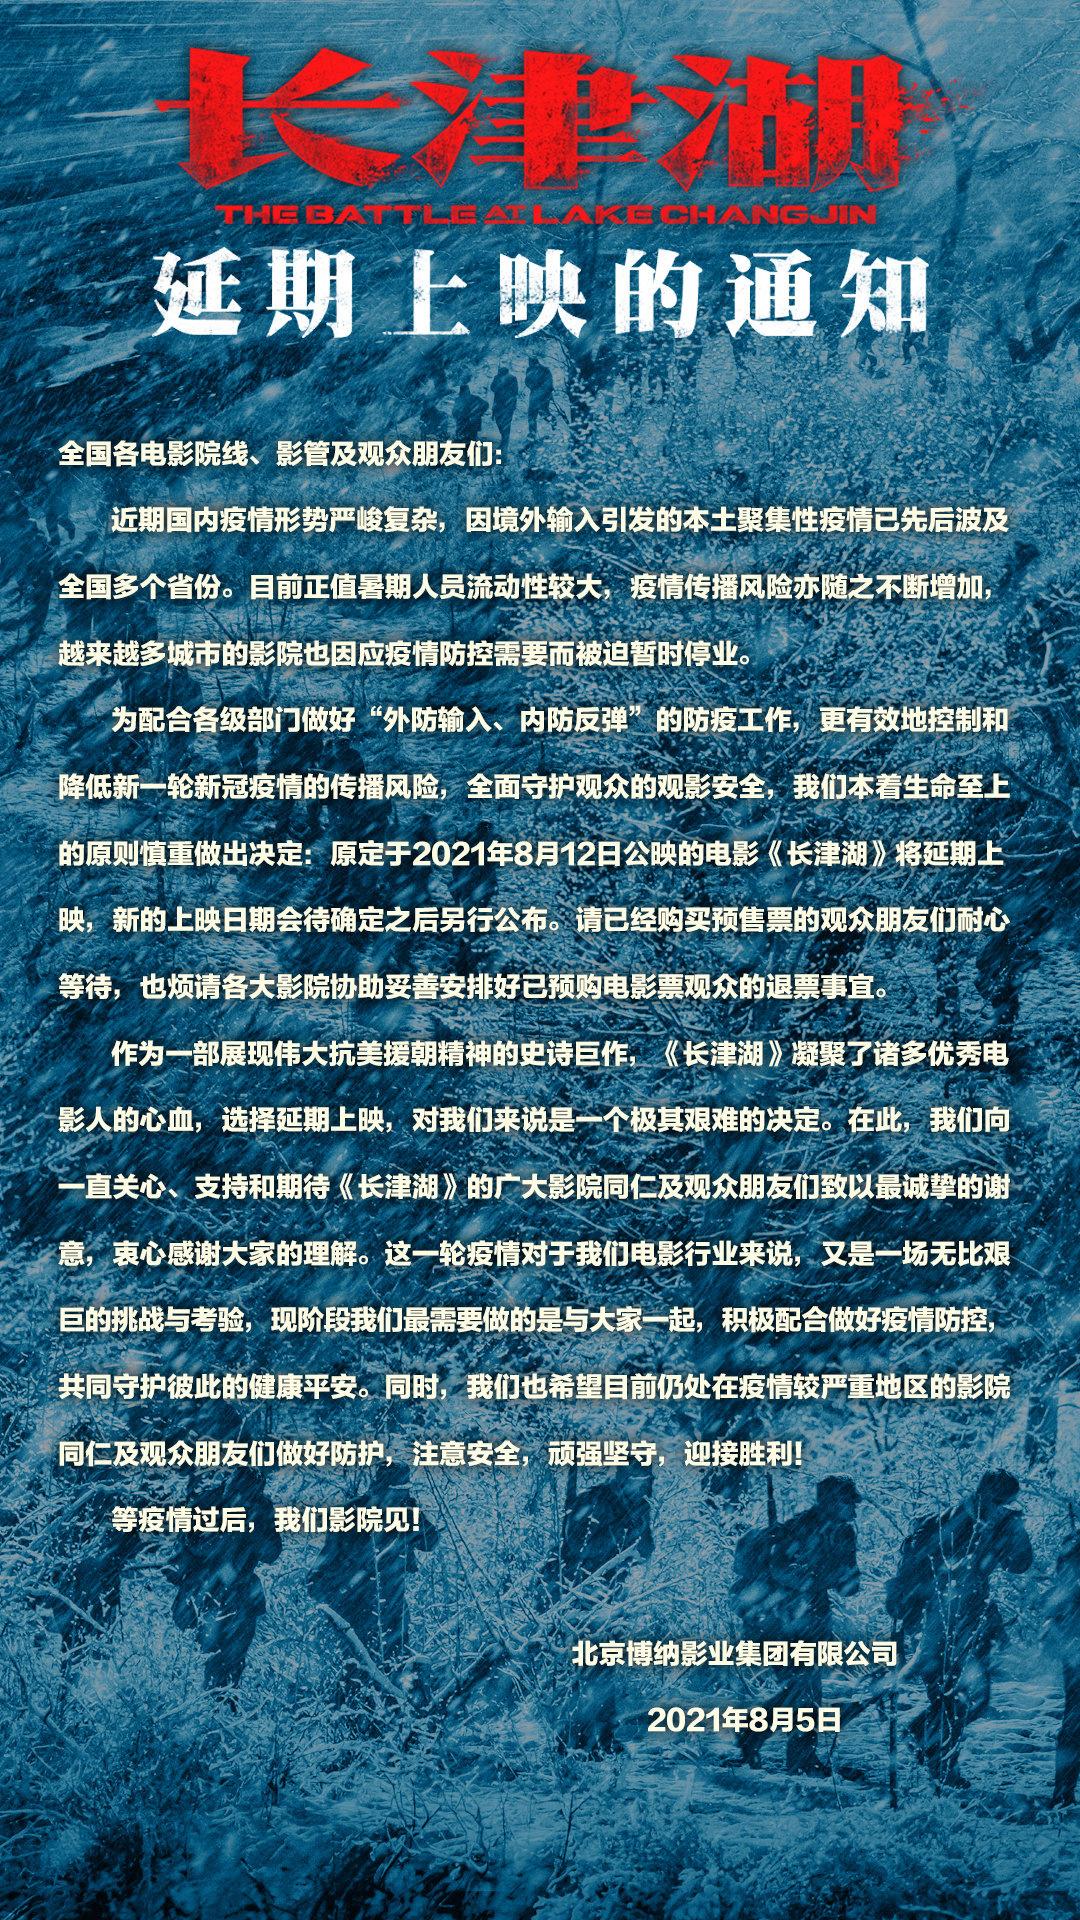 戰爭電影《長津湖》官宣延期上映 新檔期另行公布